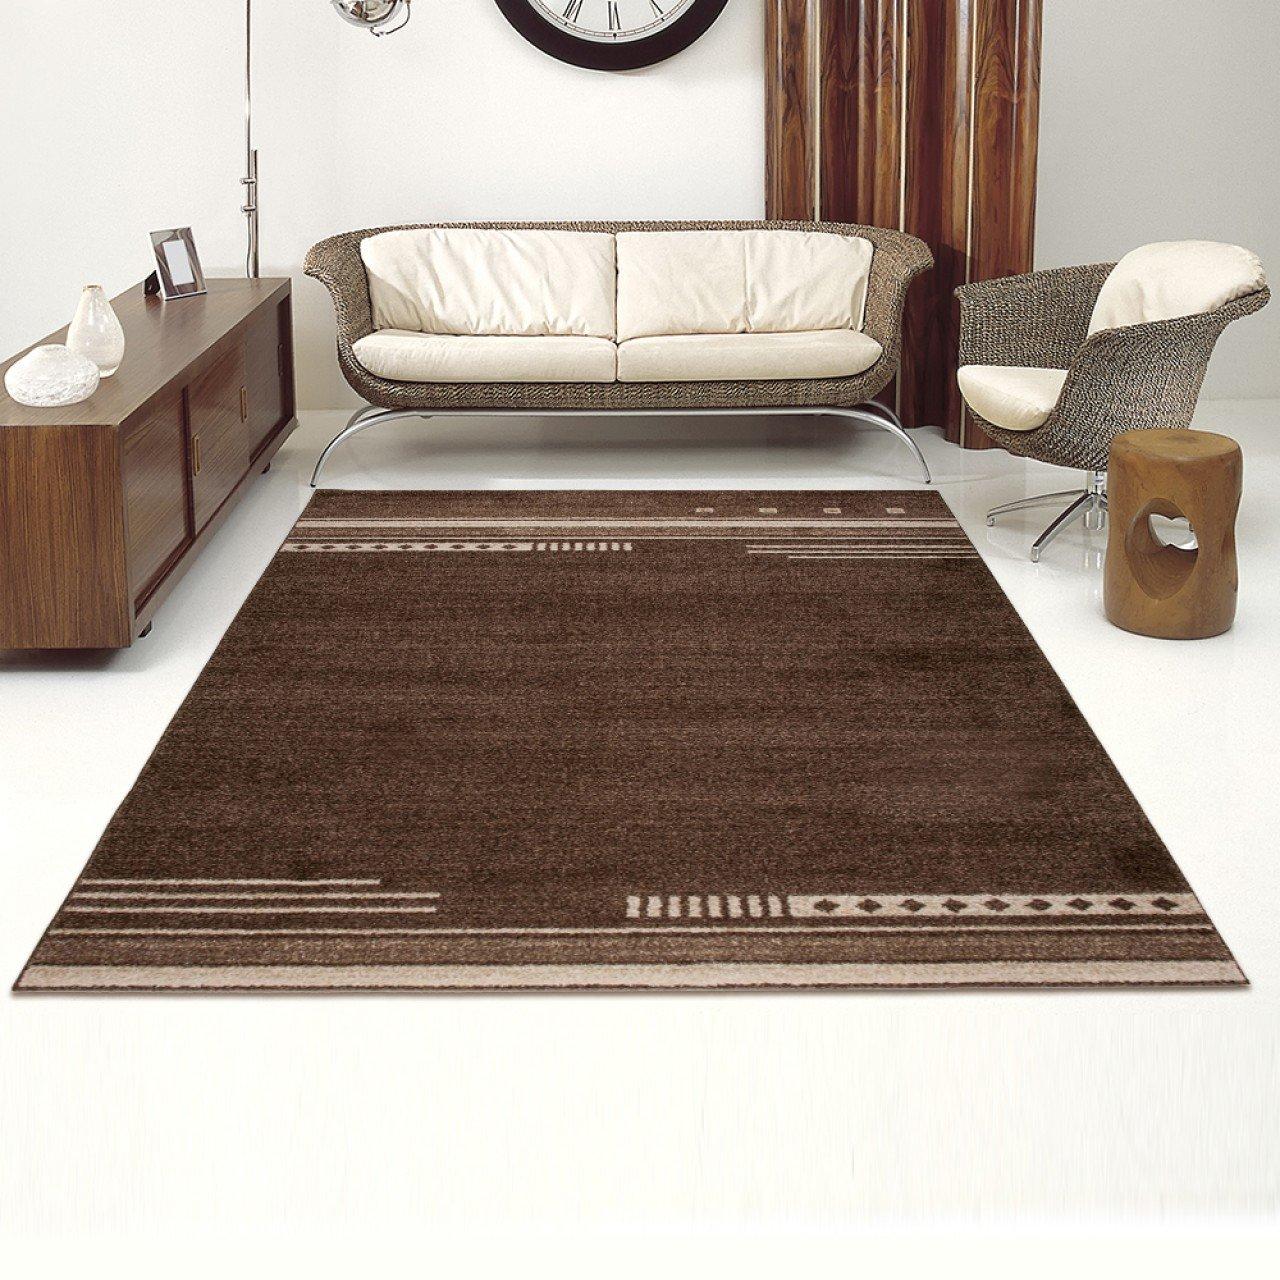 Designer Teppich Modern Wohnzimmer - Muster Meliert mit Streifen in Braun - Kurzflor Teppiche Neu - Prestige Kollektion 140 x 190 cm